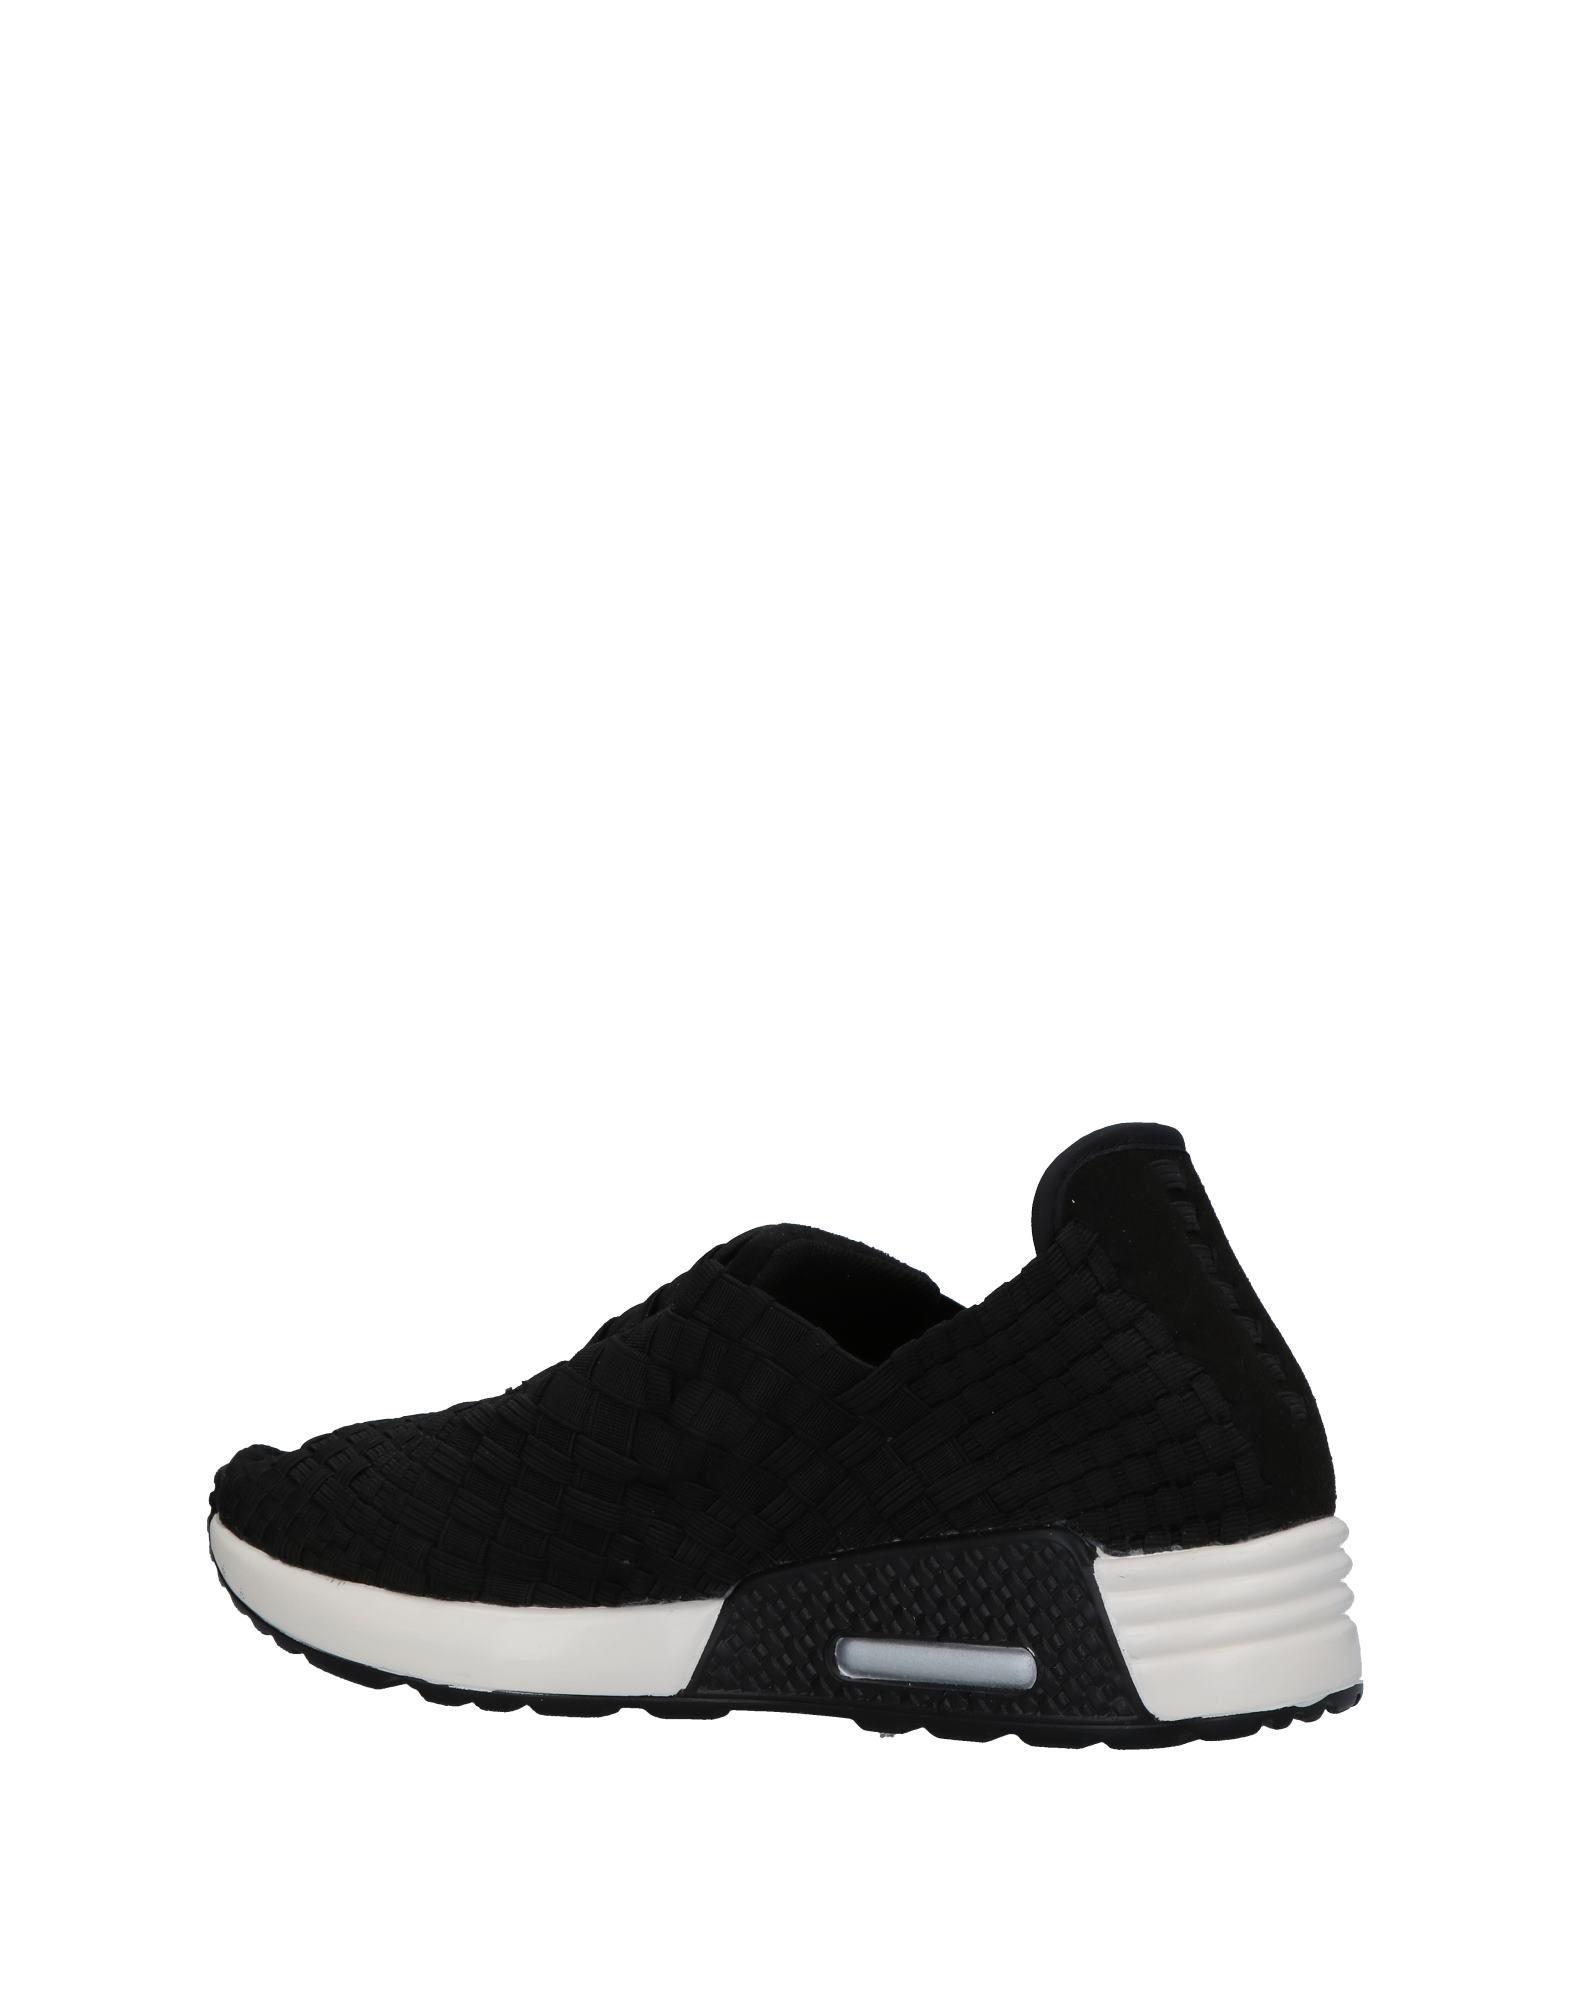 Sneakers Bernie Mev. Femme - Sneakers Bernie Mev. sur